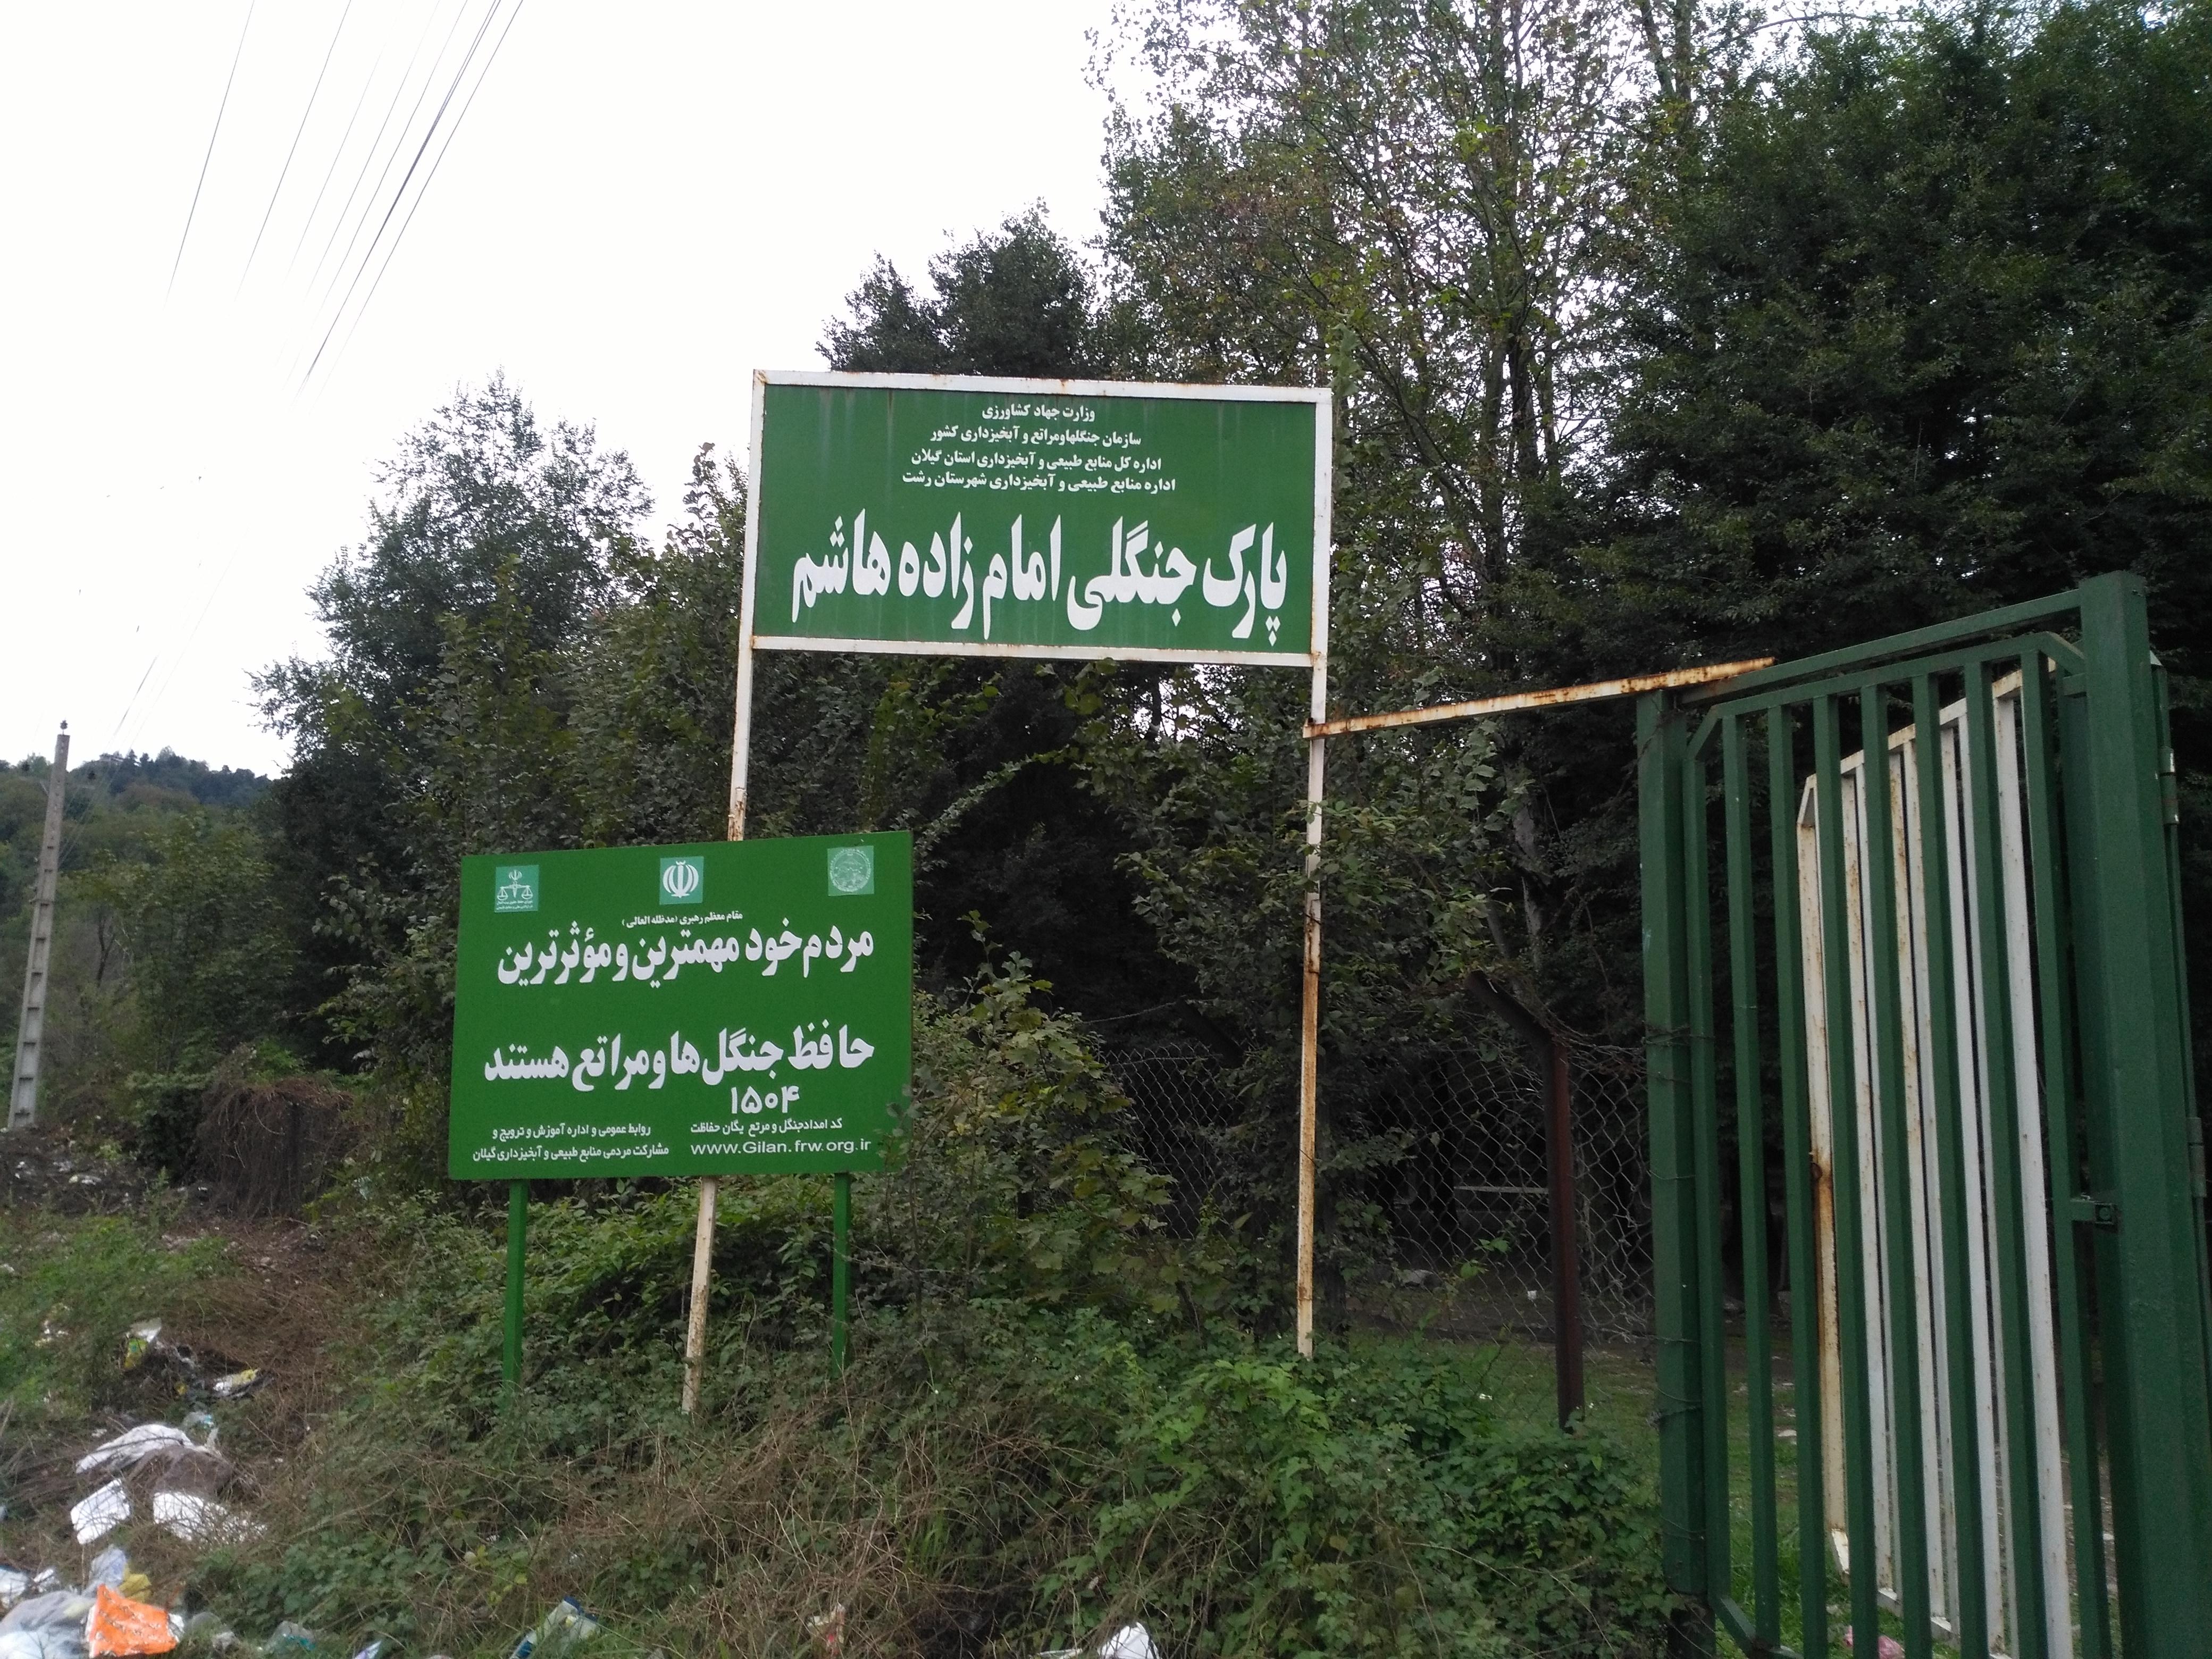 اختصاصی/استاندار گیلان به داد وضعیت فاجعه بار پارک جنگلی امام زاده هاشم رشت برسد+تصاویر